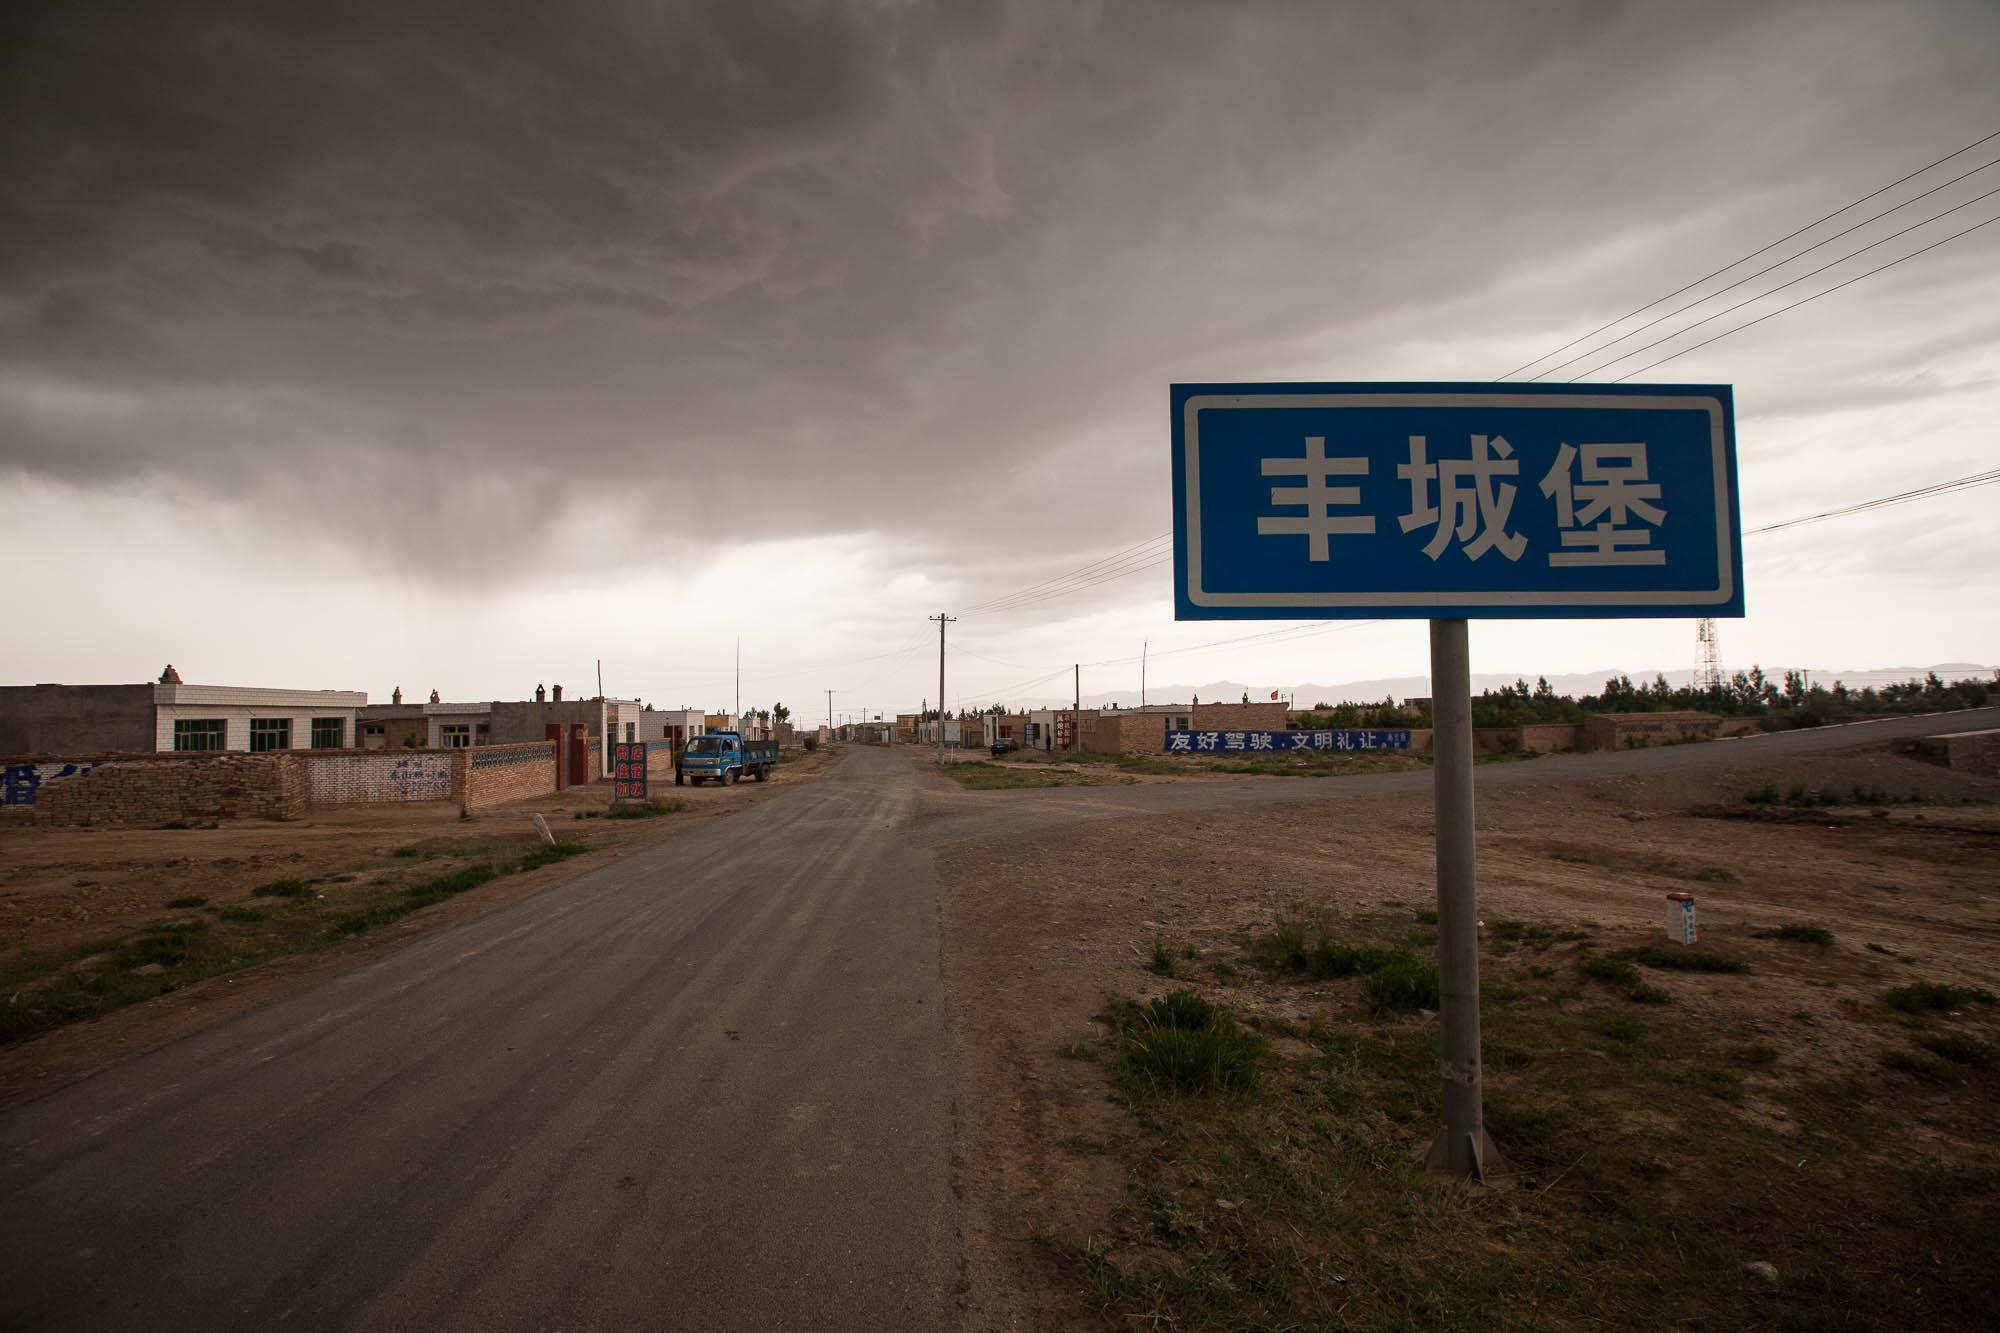 Fengchengpu